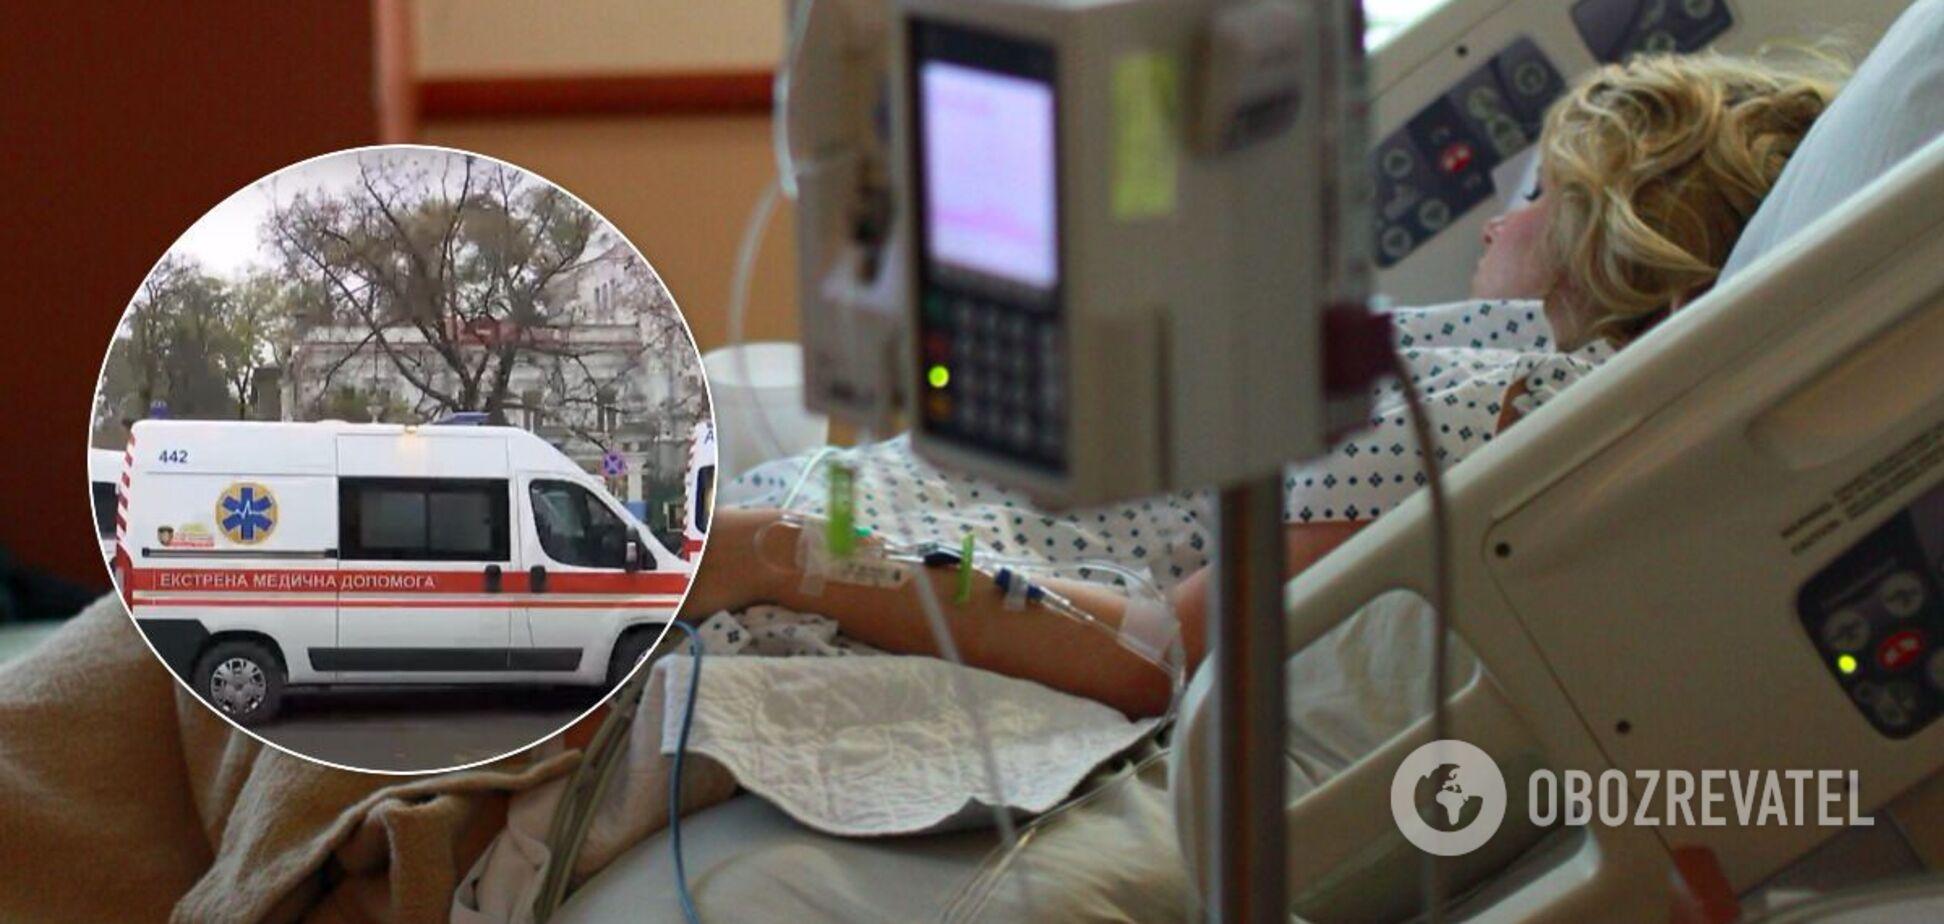 В одеській лікарні склалася критична ситуація через брак кисню